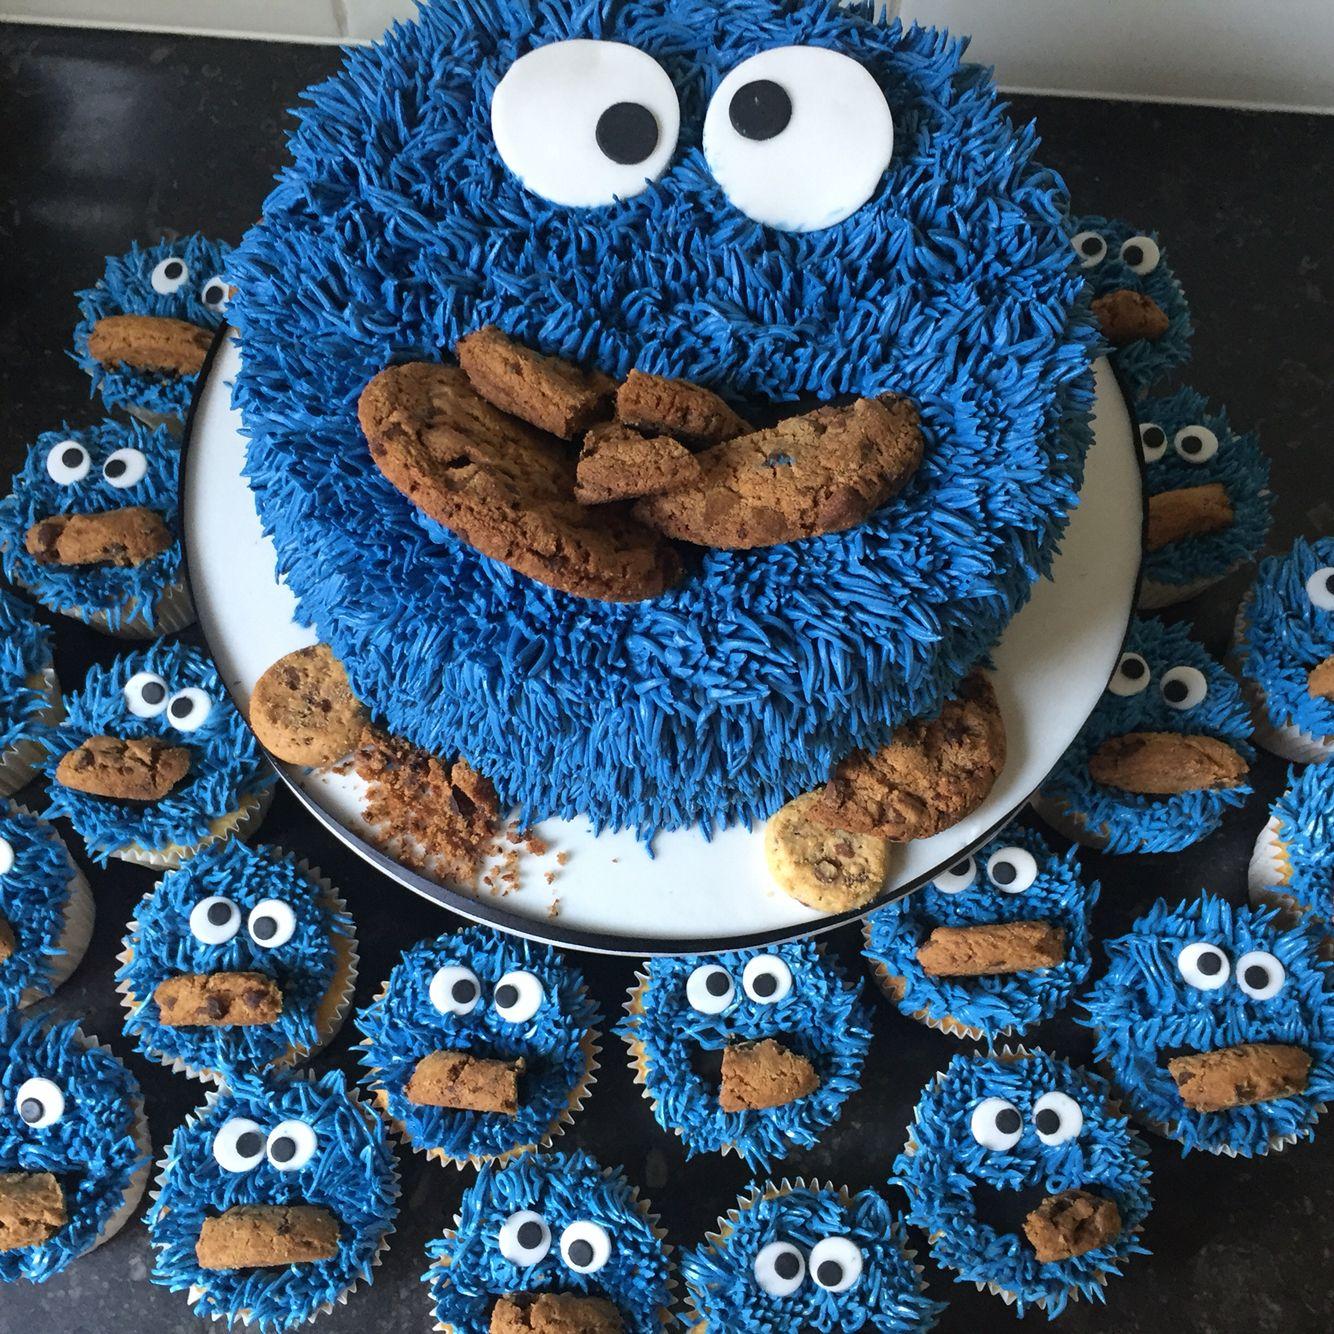 Cookiemonster birthday cake